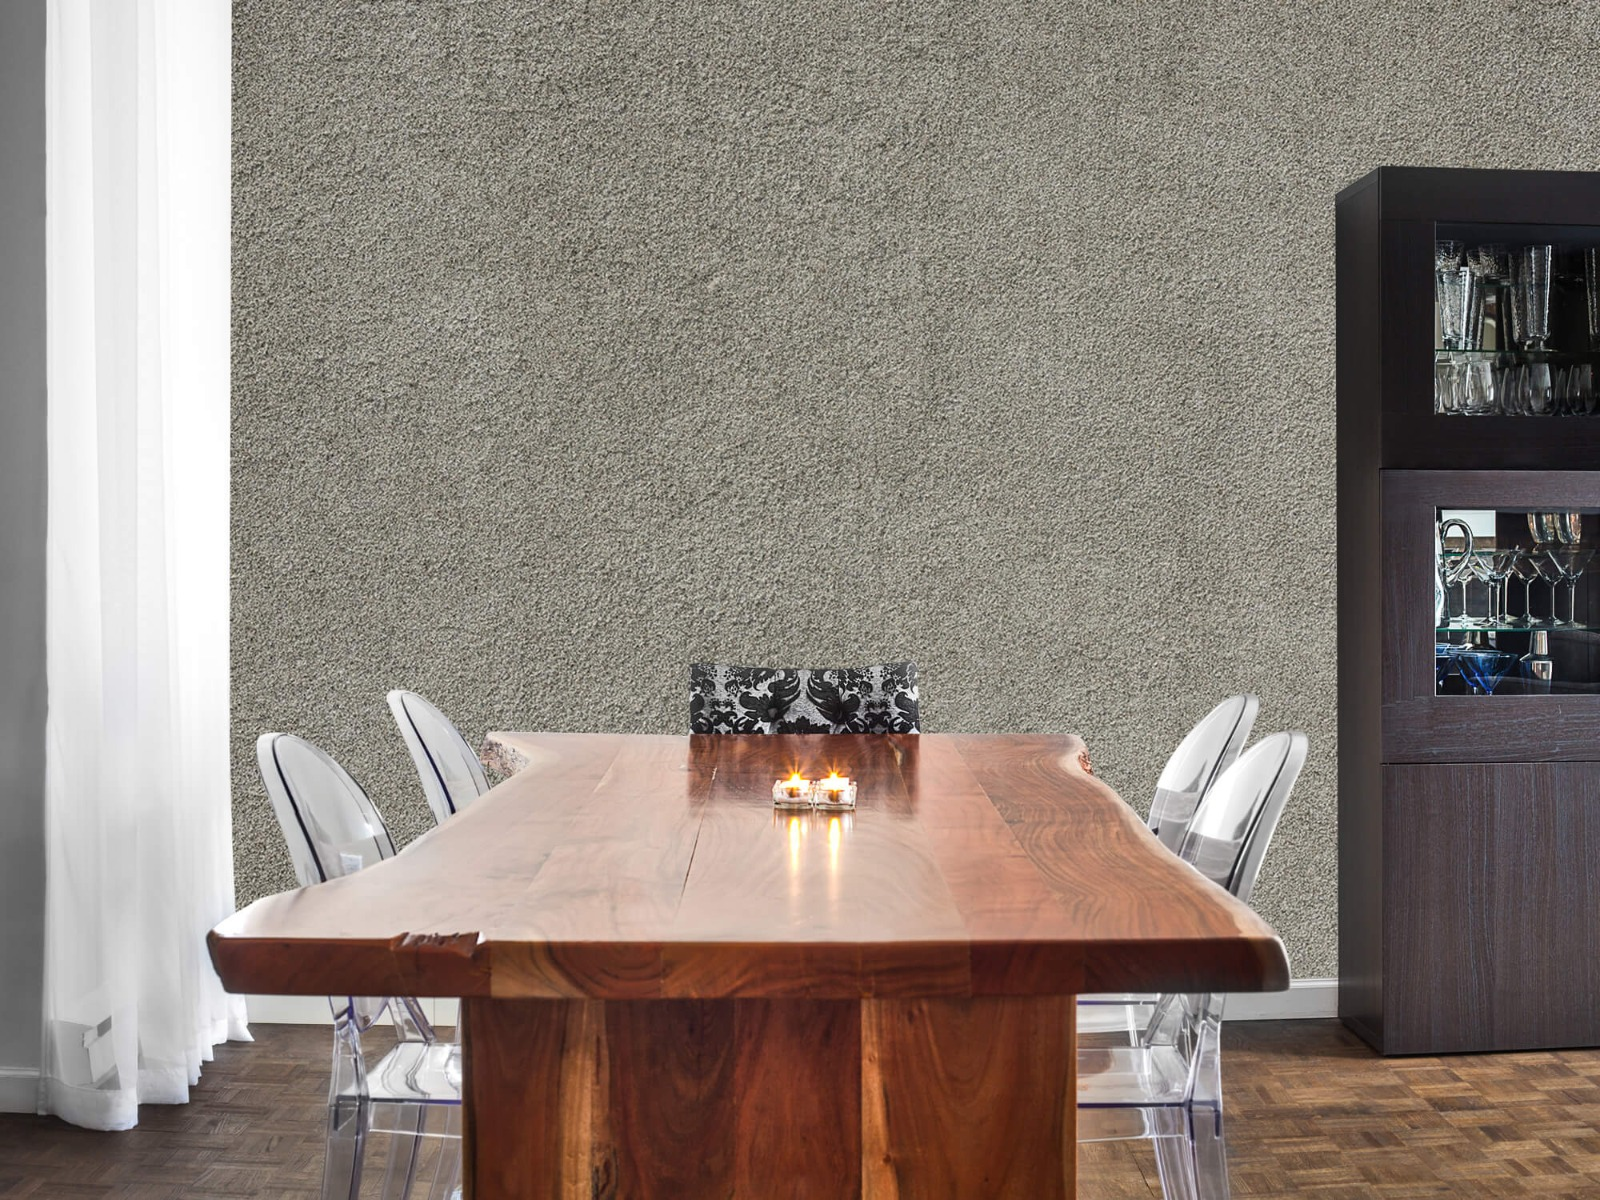 Betonlook behang - Betonnen muur met fijne steentjes - Kantoor 2